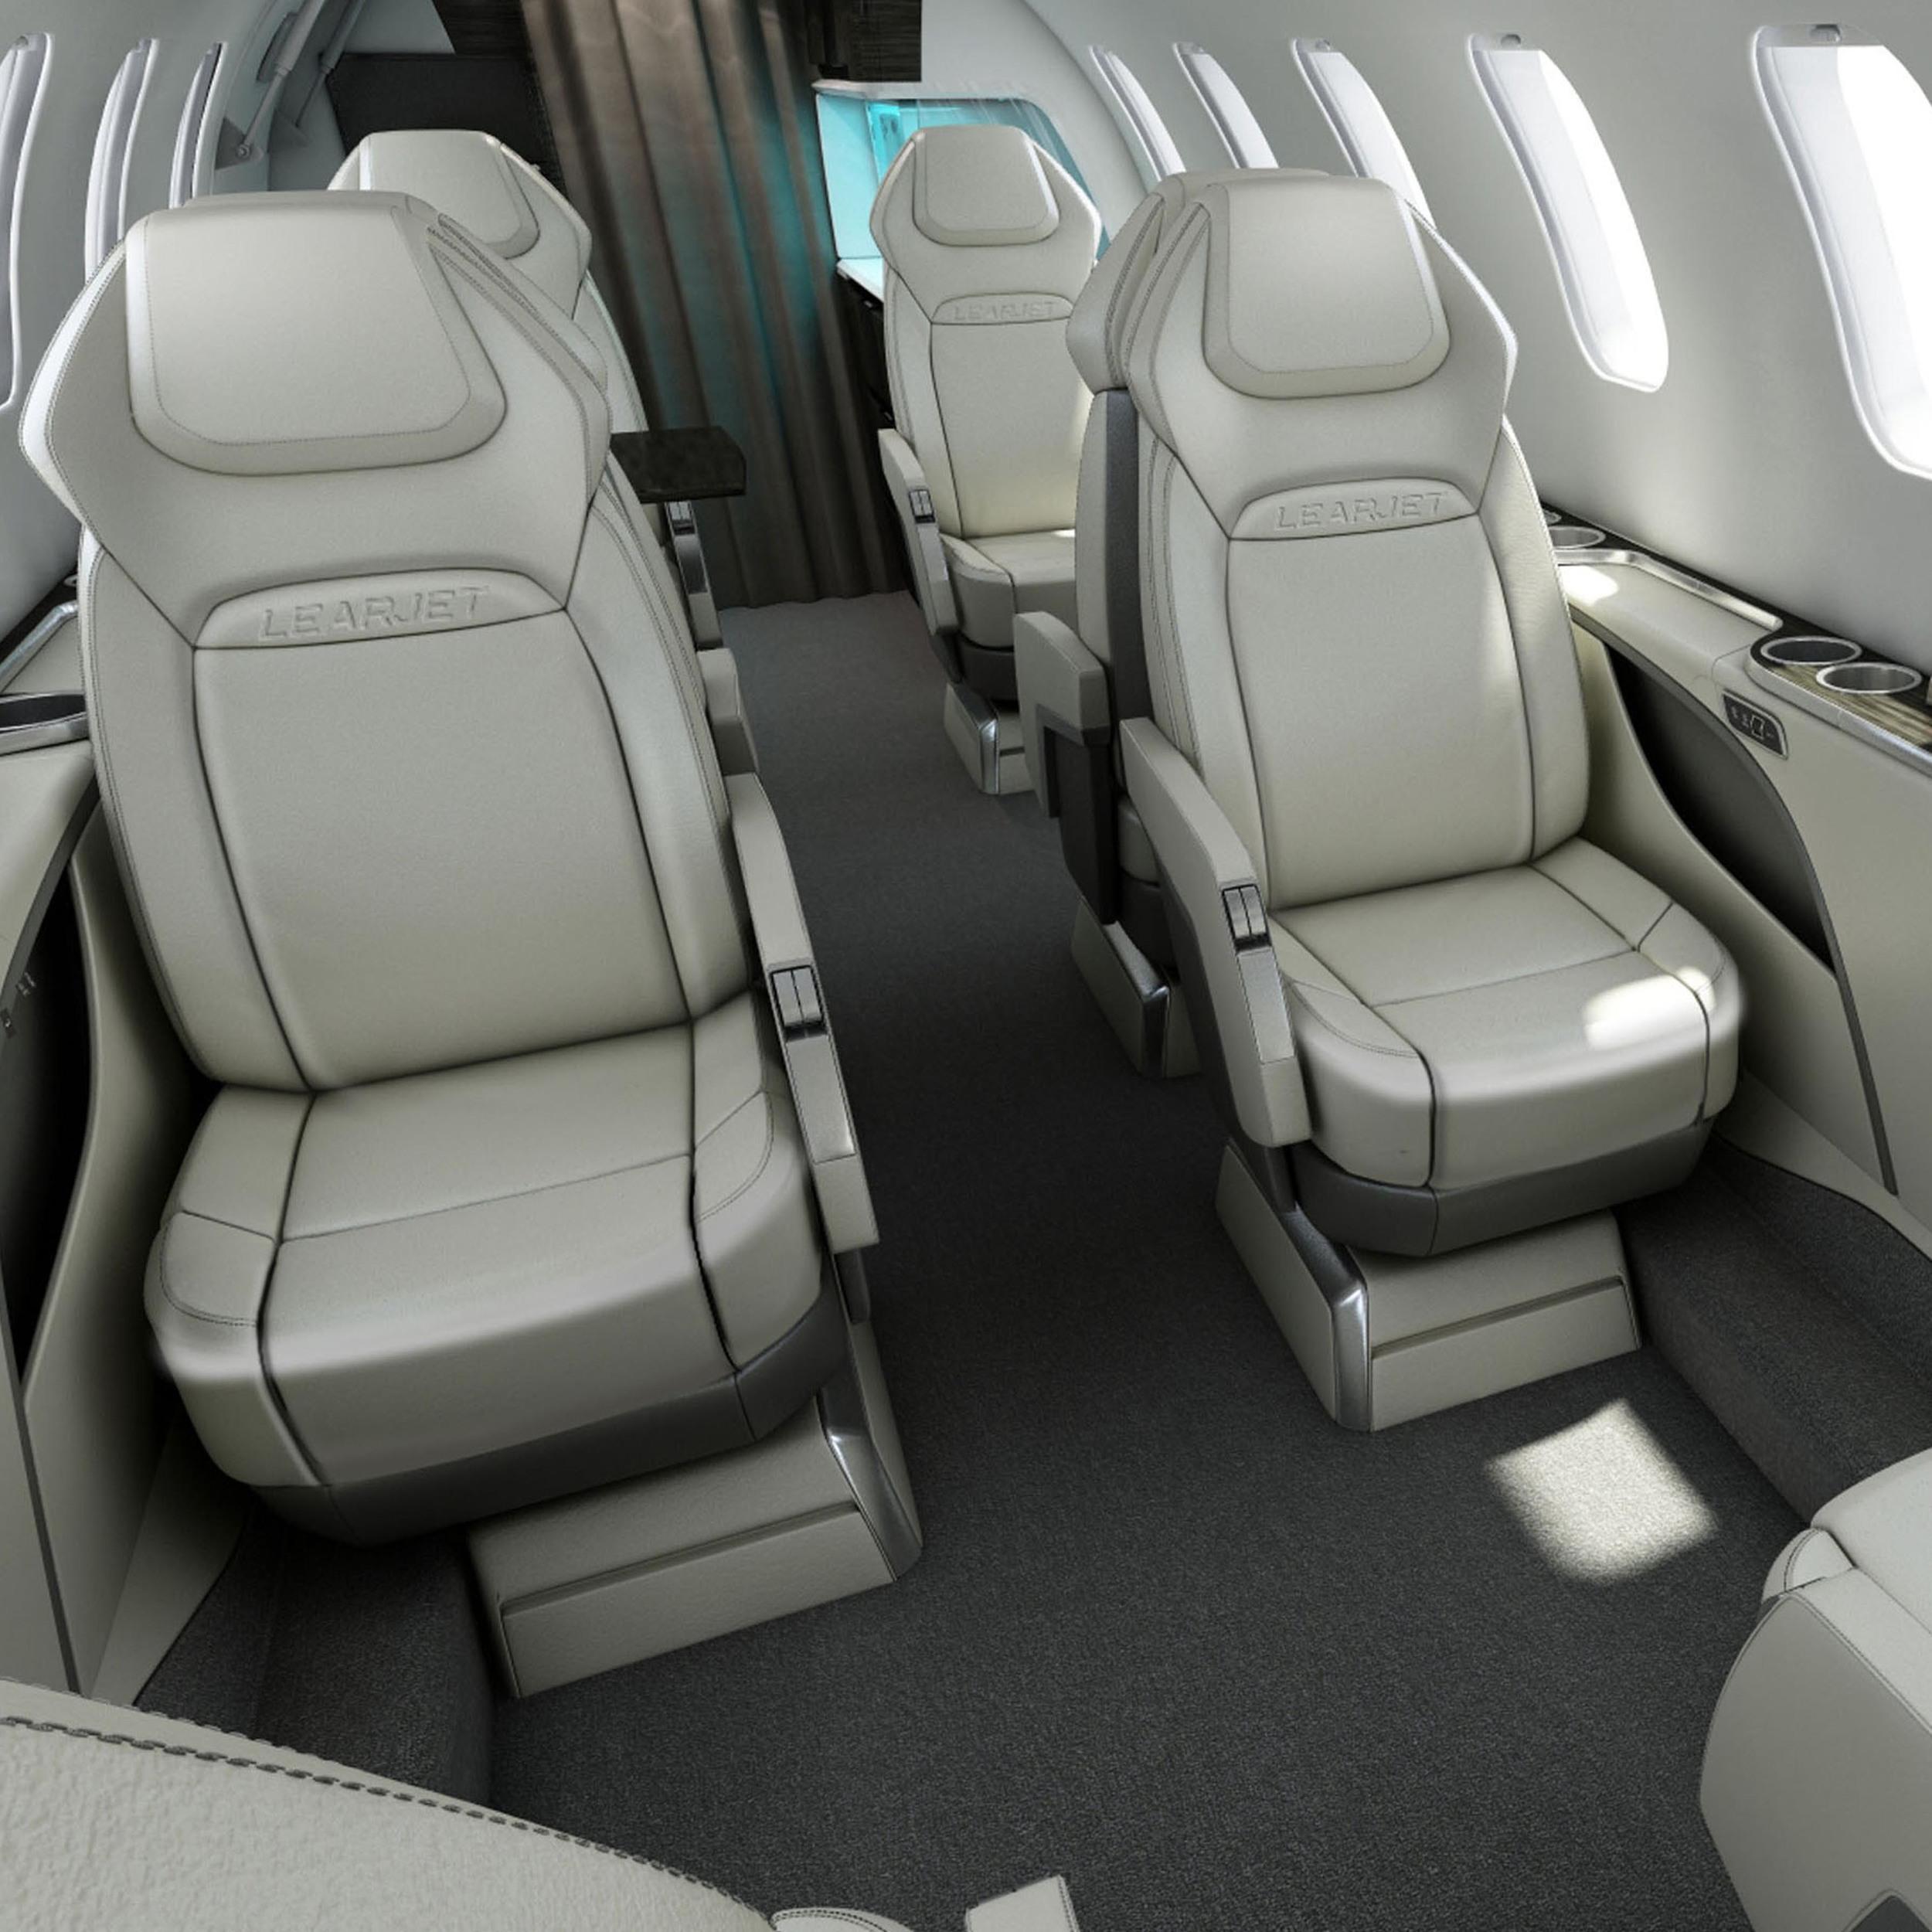 Learjet 70/75